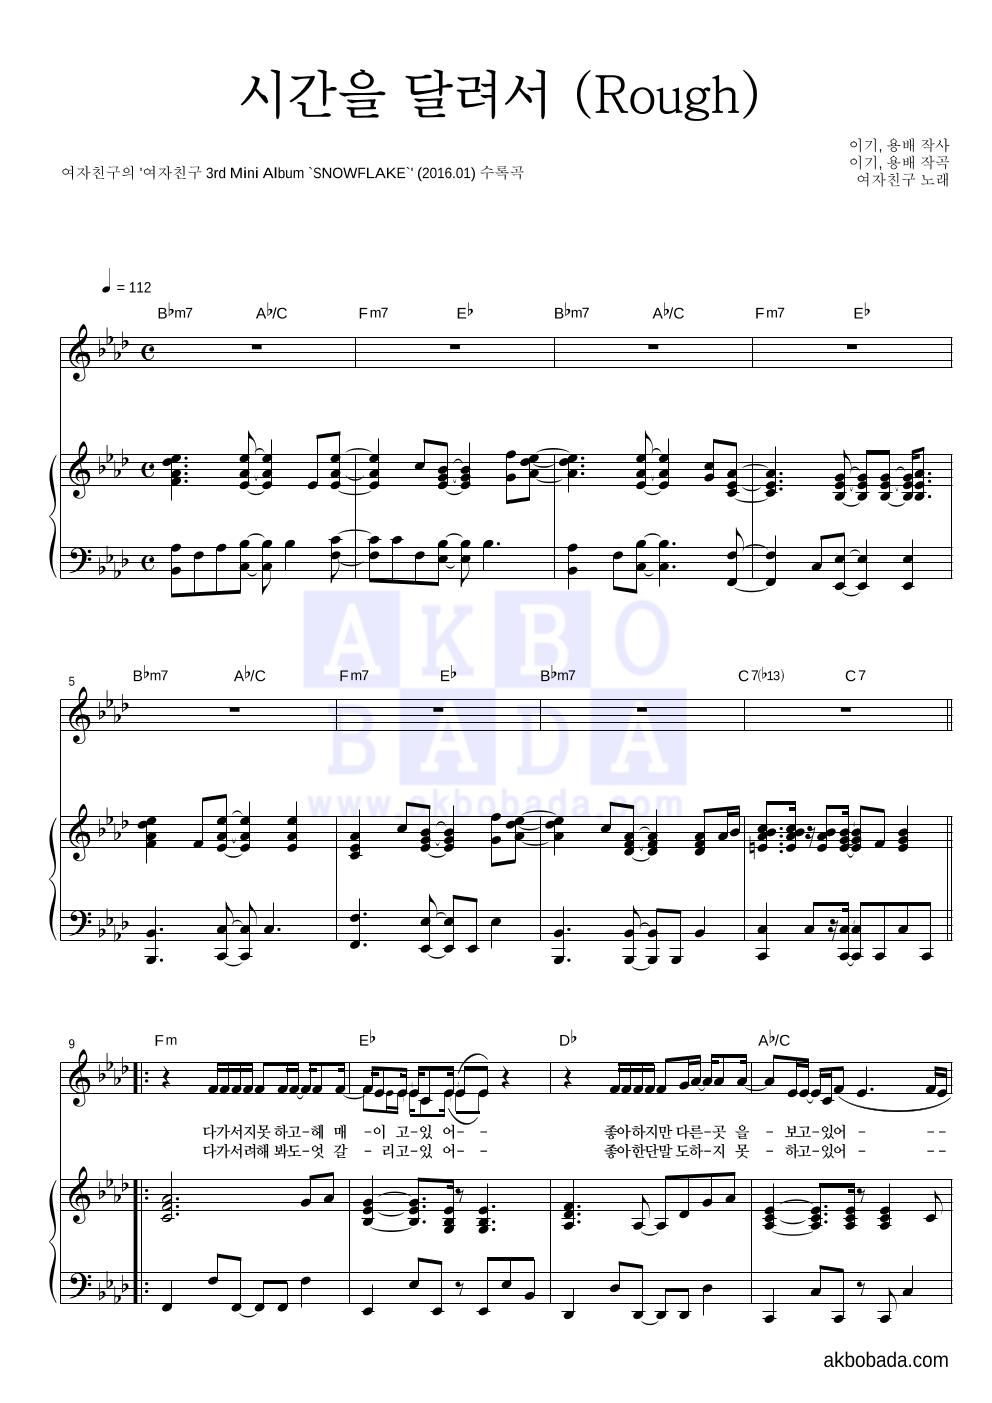 여자친구 - 시간을 달려서 (Rough) 피아노 3단 악보